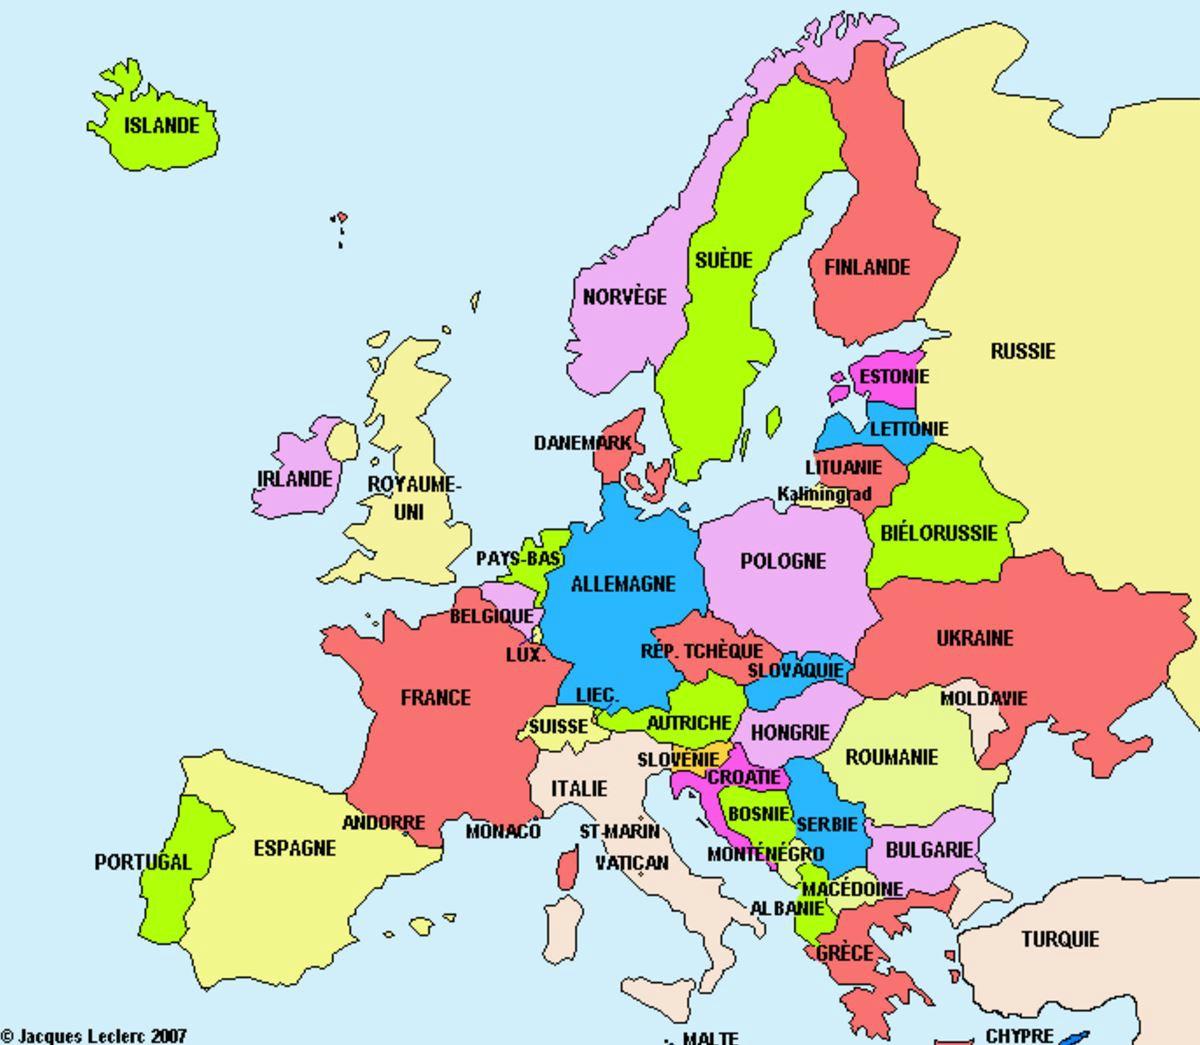 La Carte D'europe Et Ses Pays + Activités - Le Blog Du Cours tout Carte Europe 2017